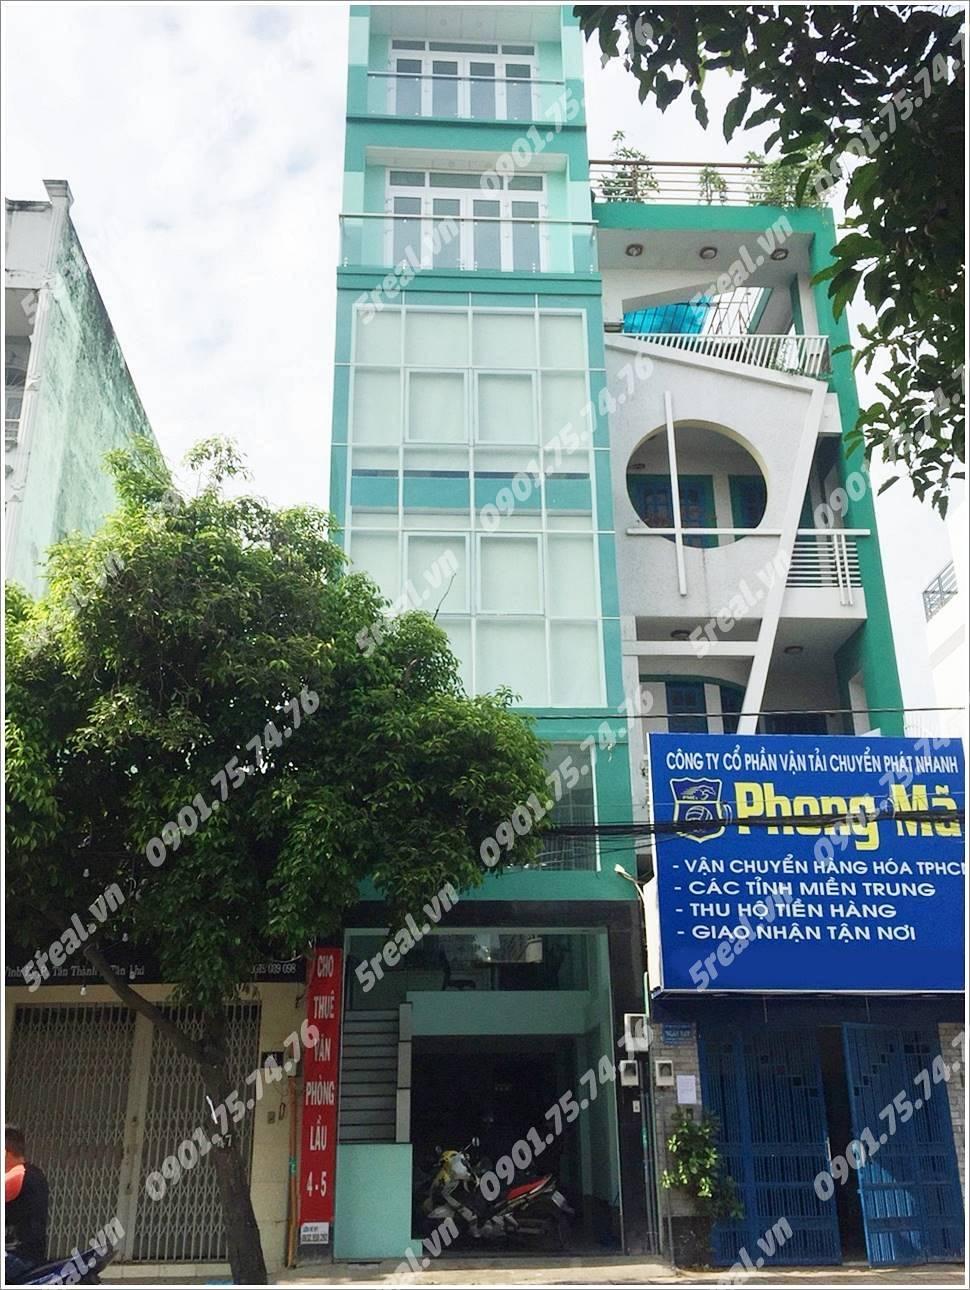 truong-vinh-ky-building-quan-tan-phu-van-phong-cho-thue-tphcm-5real.vn-01